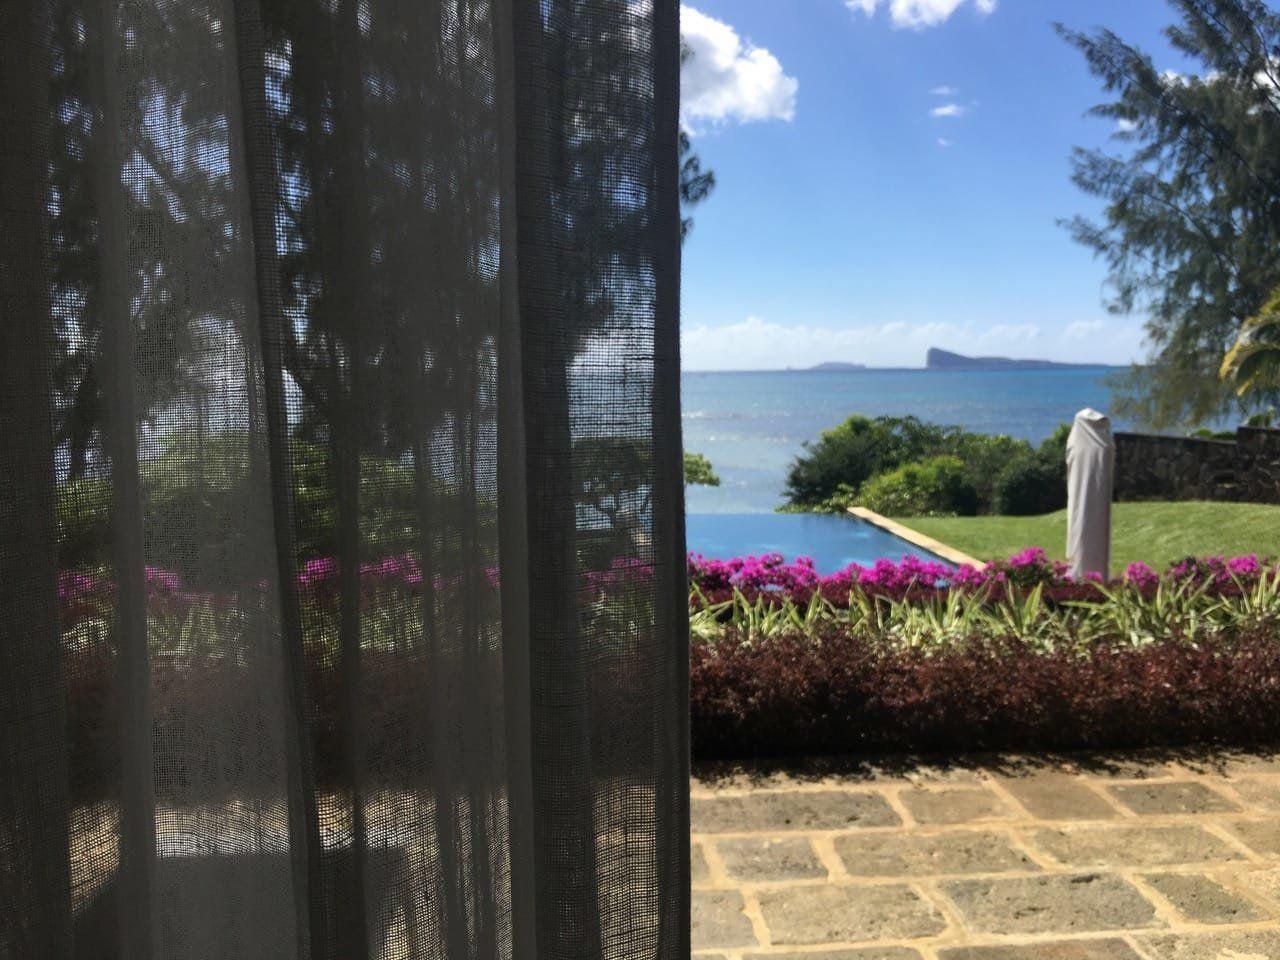 Maison à vendre 5 3657.57m2 à Ile Maurice vignette-13